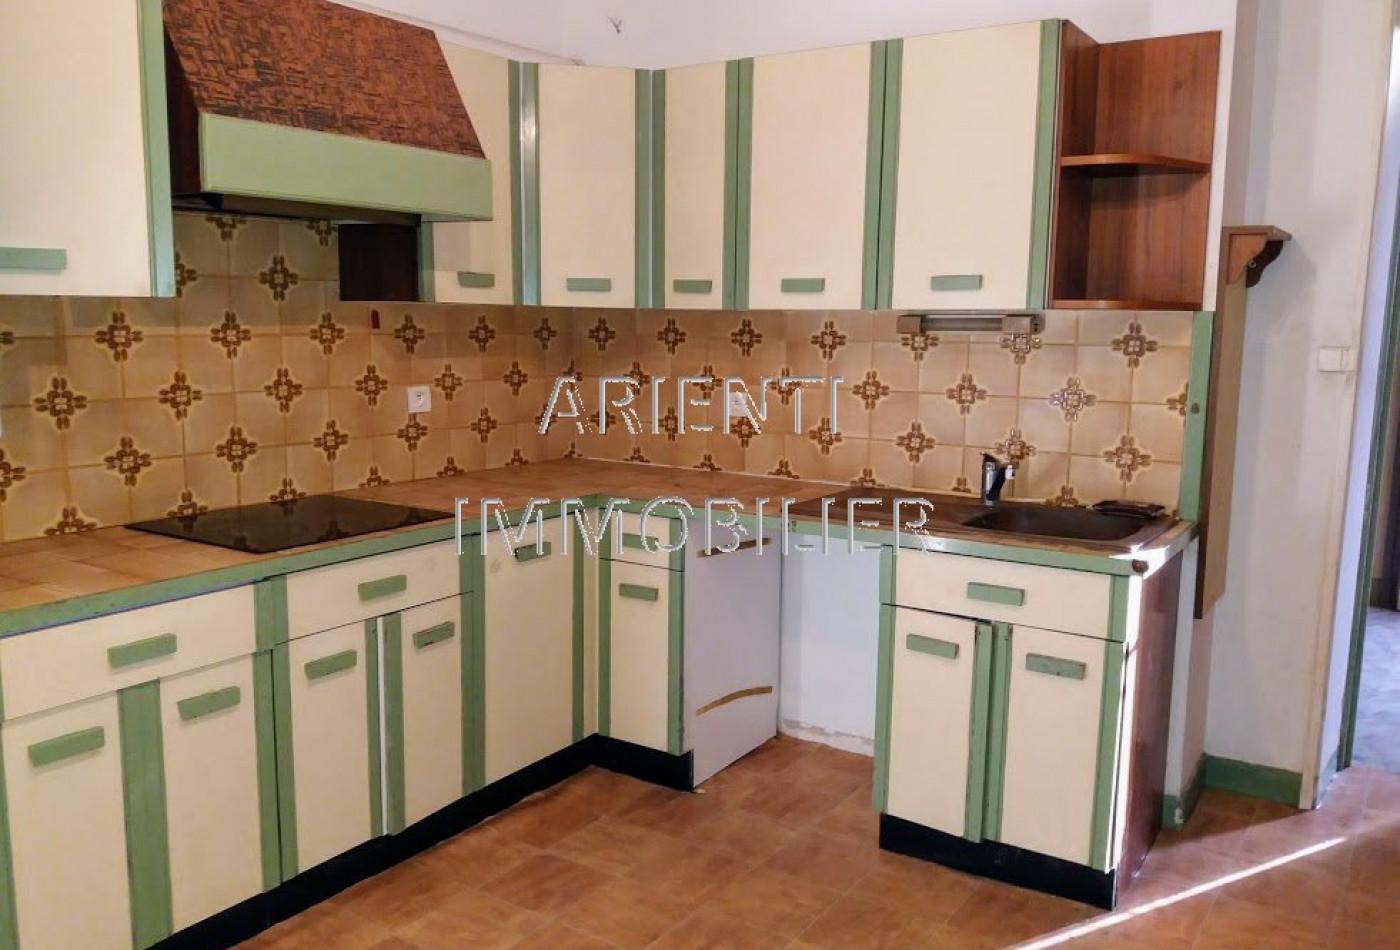 A vendre  Dieulefit | Réf 260013267 - Office immobilier arienti